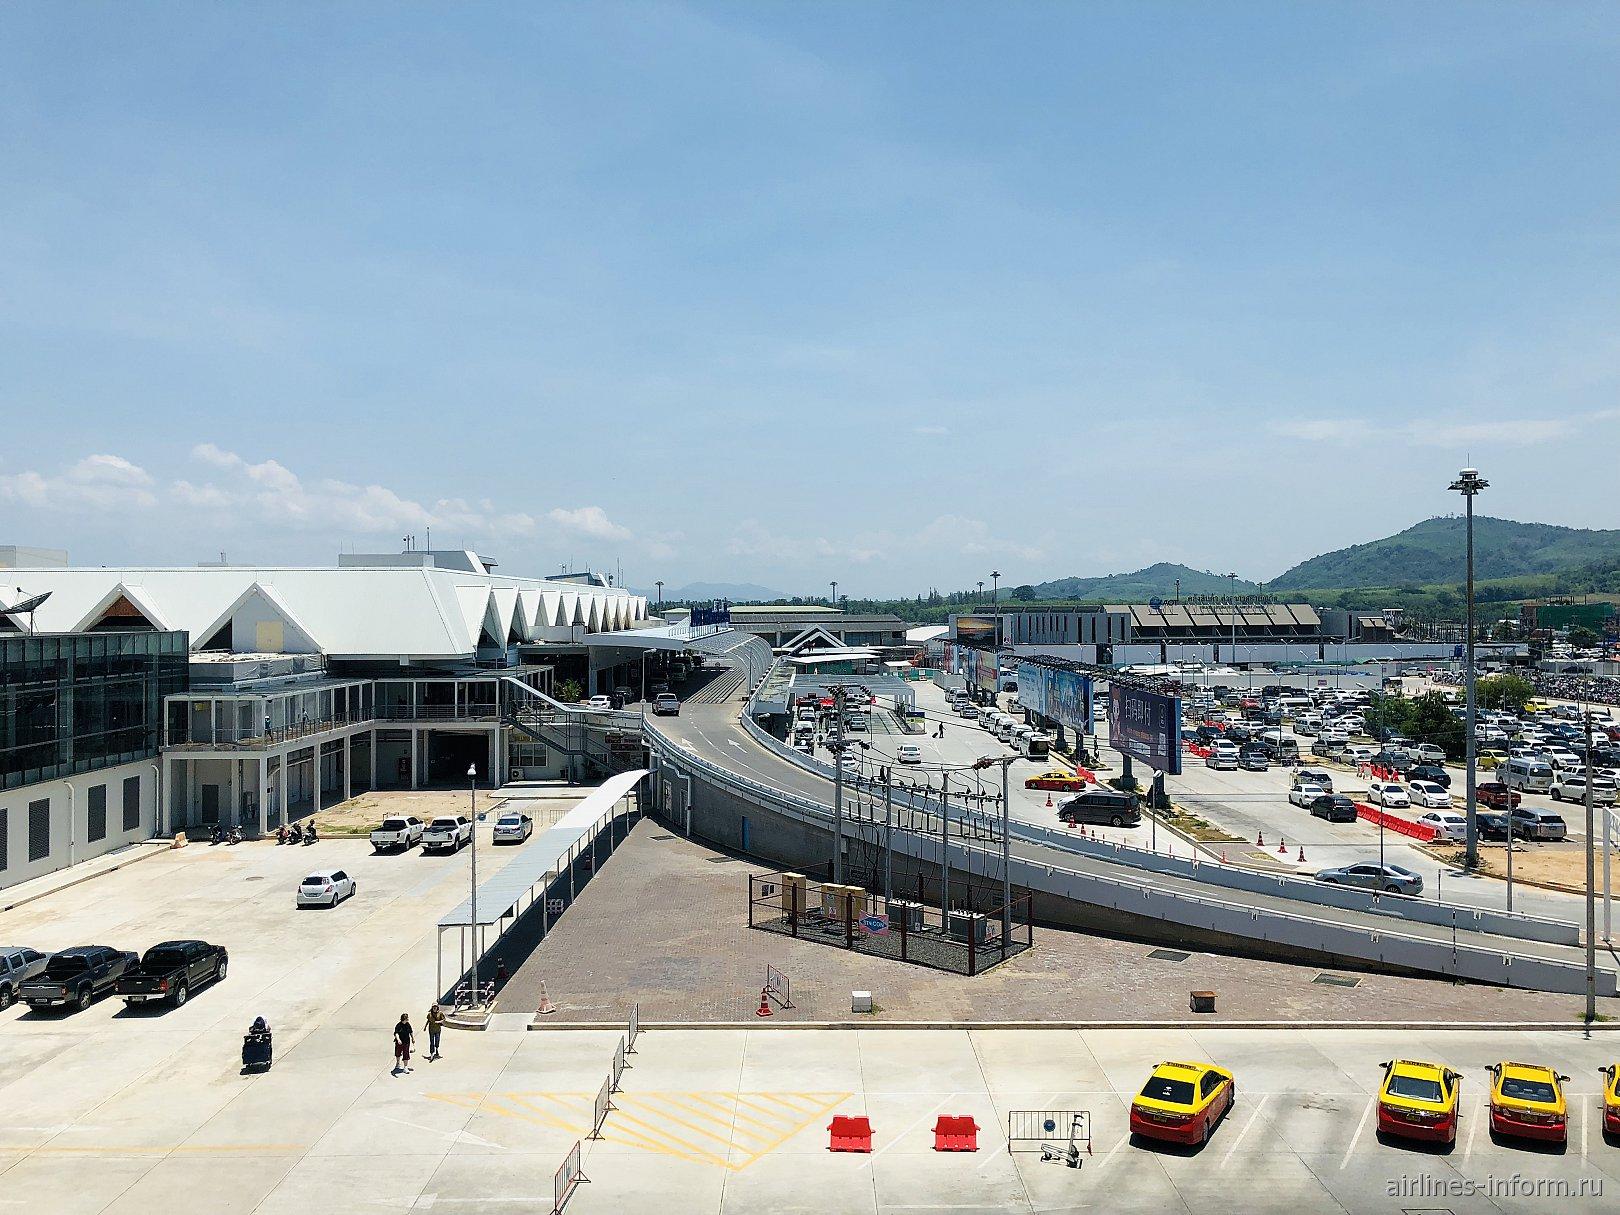 Привокзальная площадь аэропорта Пхукет